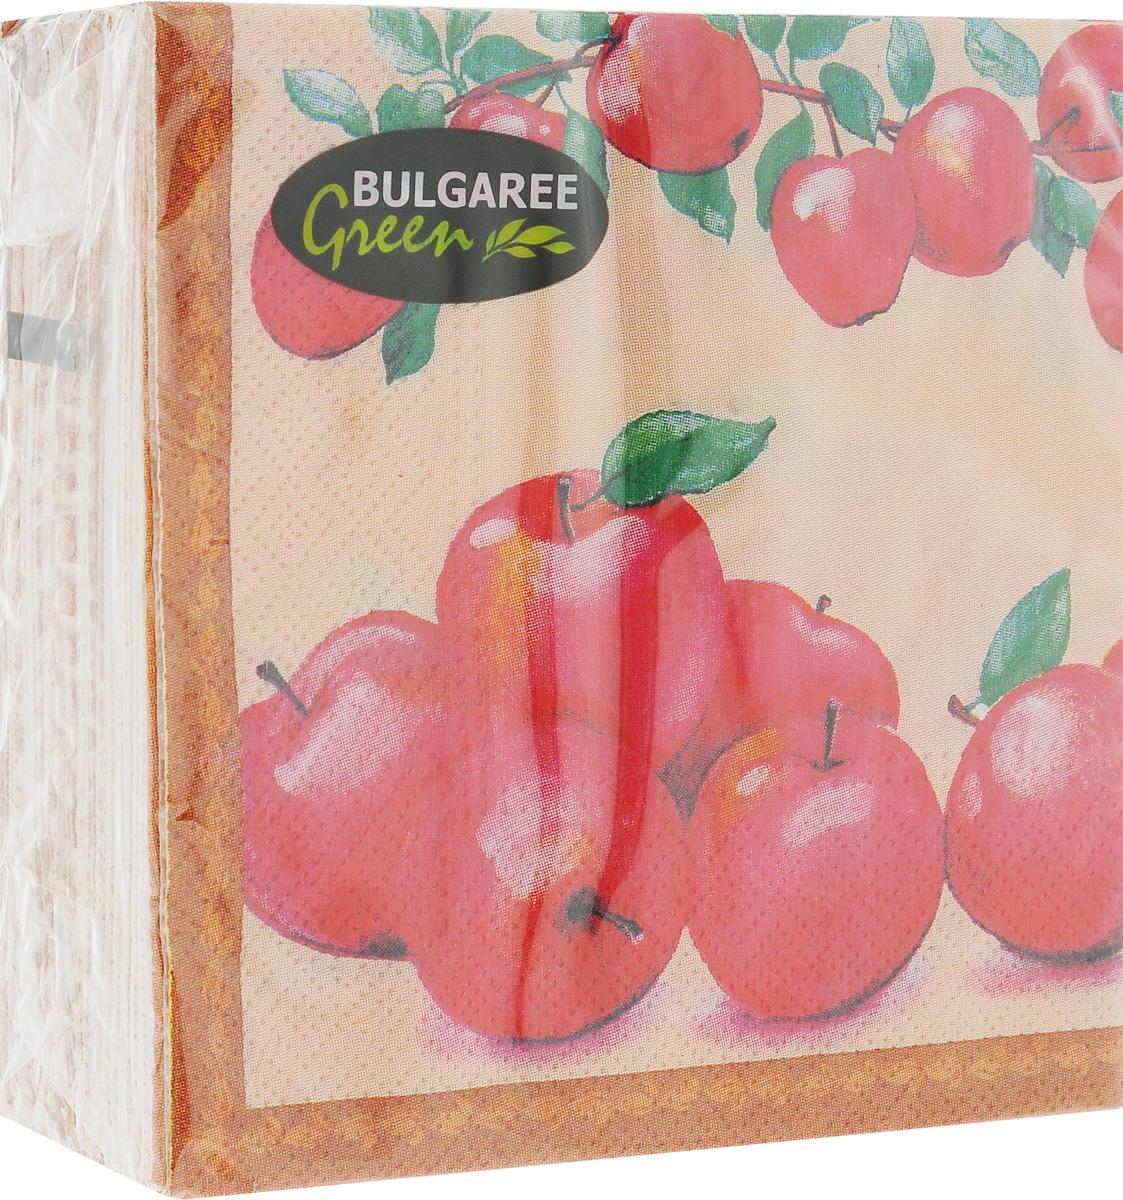 Салфетки бумажные Bulgaree Green Наливные яблочки, двухслойные, 24 х 24 см, 50 шт1000210_Наливные яблочкиДекоративные двухслойные салфетки Bulgaree Green Наливные яблочки выполнены из 100% целлюлозы европейского качества и оформлены ярким рисунком. Изделия станут отличным дополнением любого праздничного стола. Они отличаются необычной мягкостью, прочностью и оригинальностью. Размер салфеток в развернутом виде: 24 х 24 см.